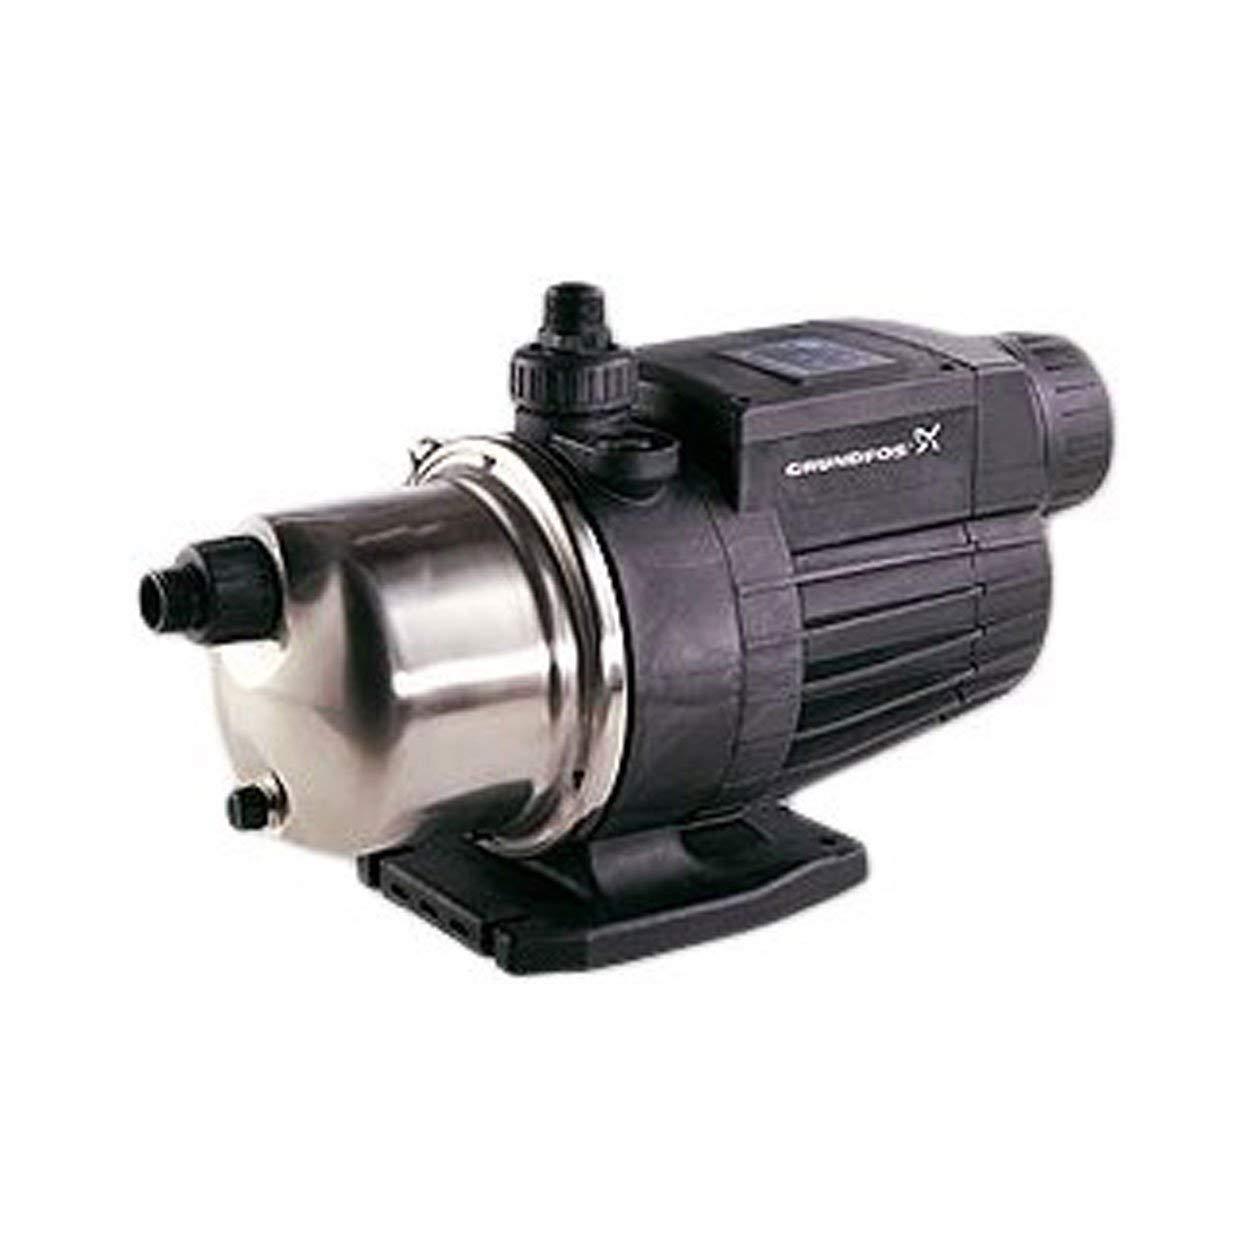 Grundfos MQ3-35 96860172 3/4 HP Pressure Booster Pump